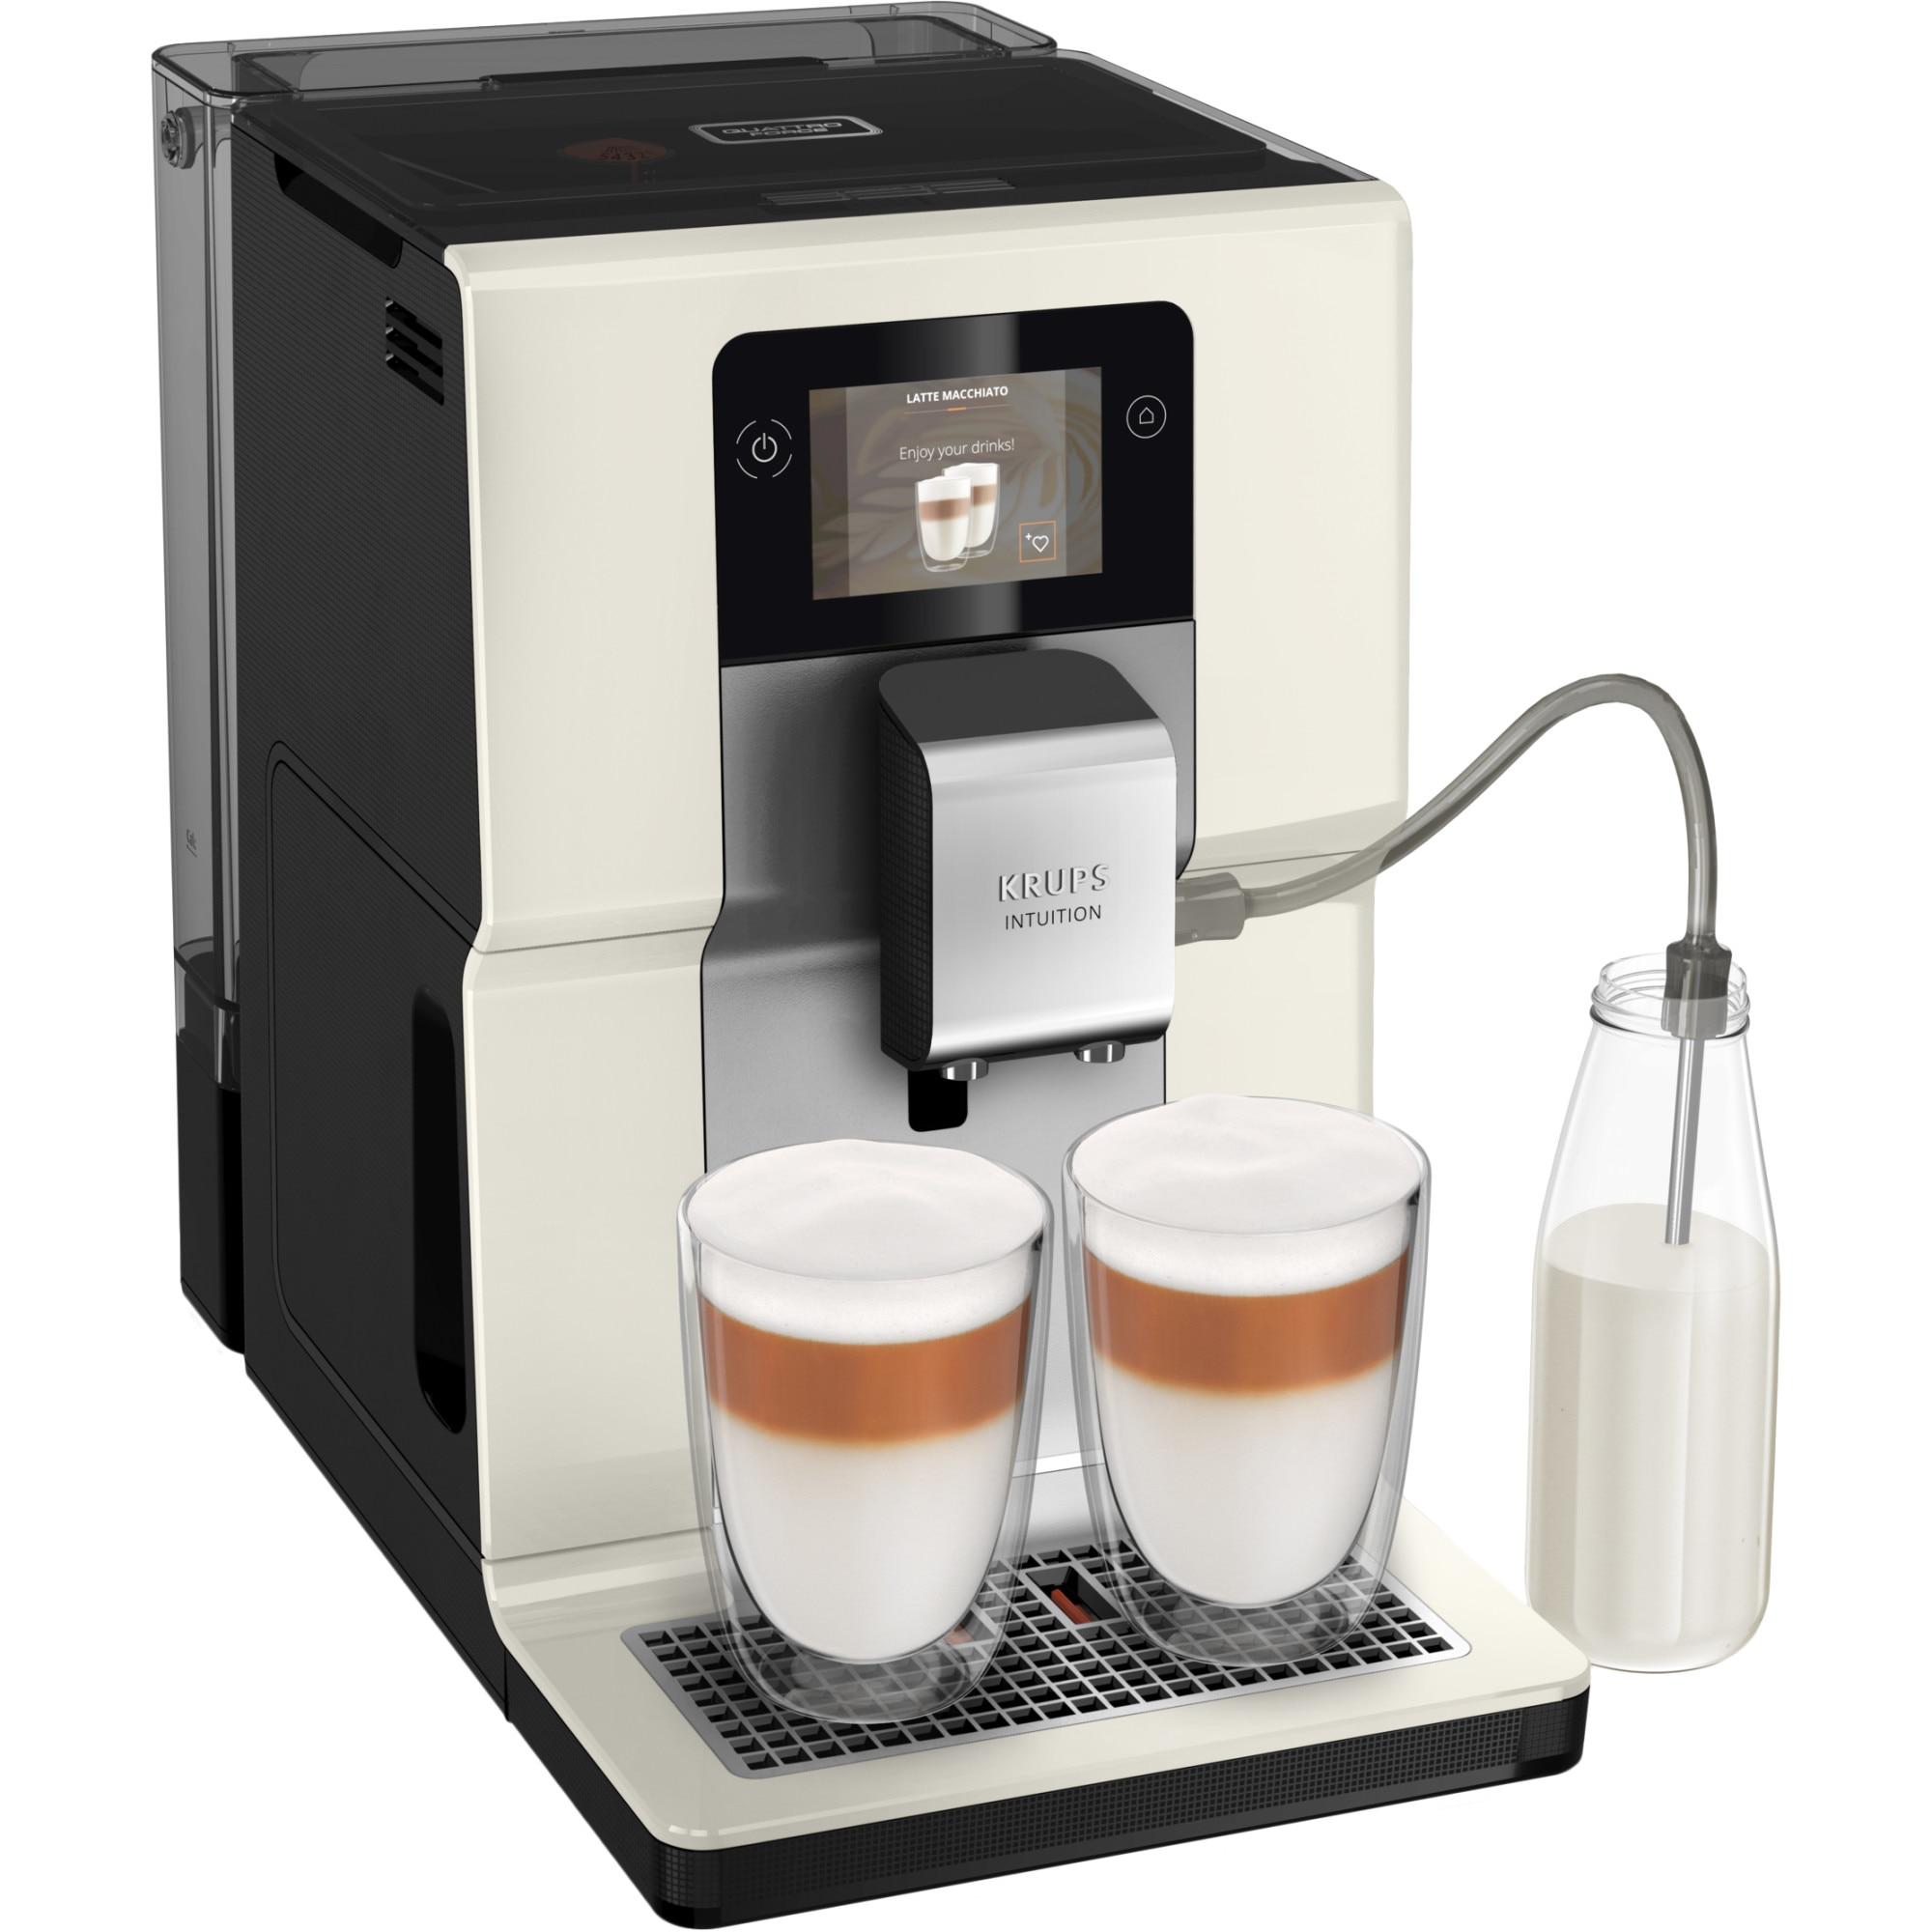 Fotografie Espressor automat Krups Intuition Preference EA872A10, Accesoriu pentru spumarea laptelui, 11 bauturi, Ecran tactil, Tehnologie Quattro Force, Retete favorite, 1450W, Alb Ivory